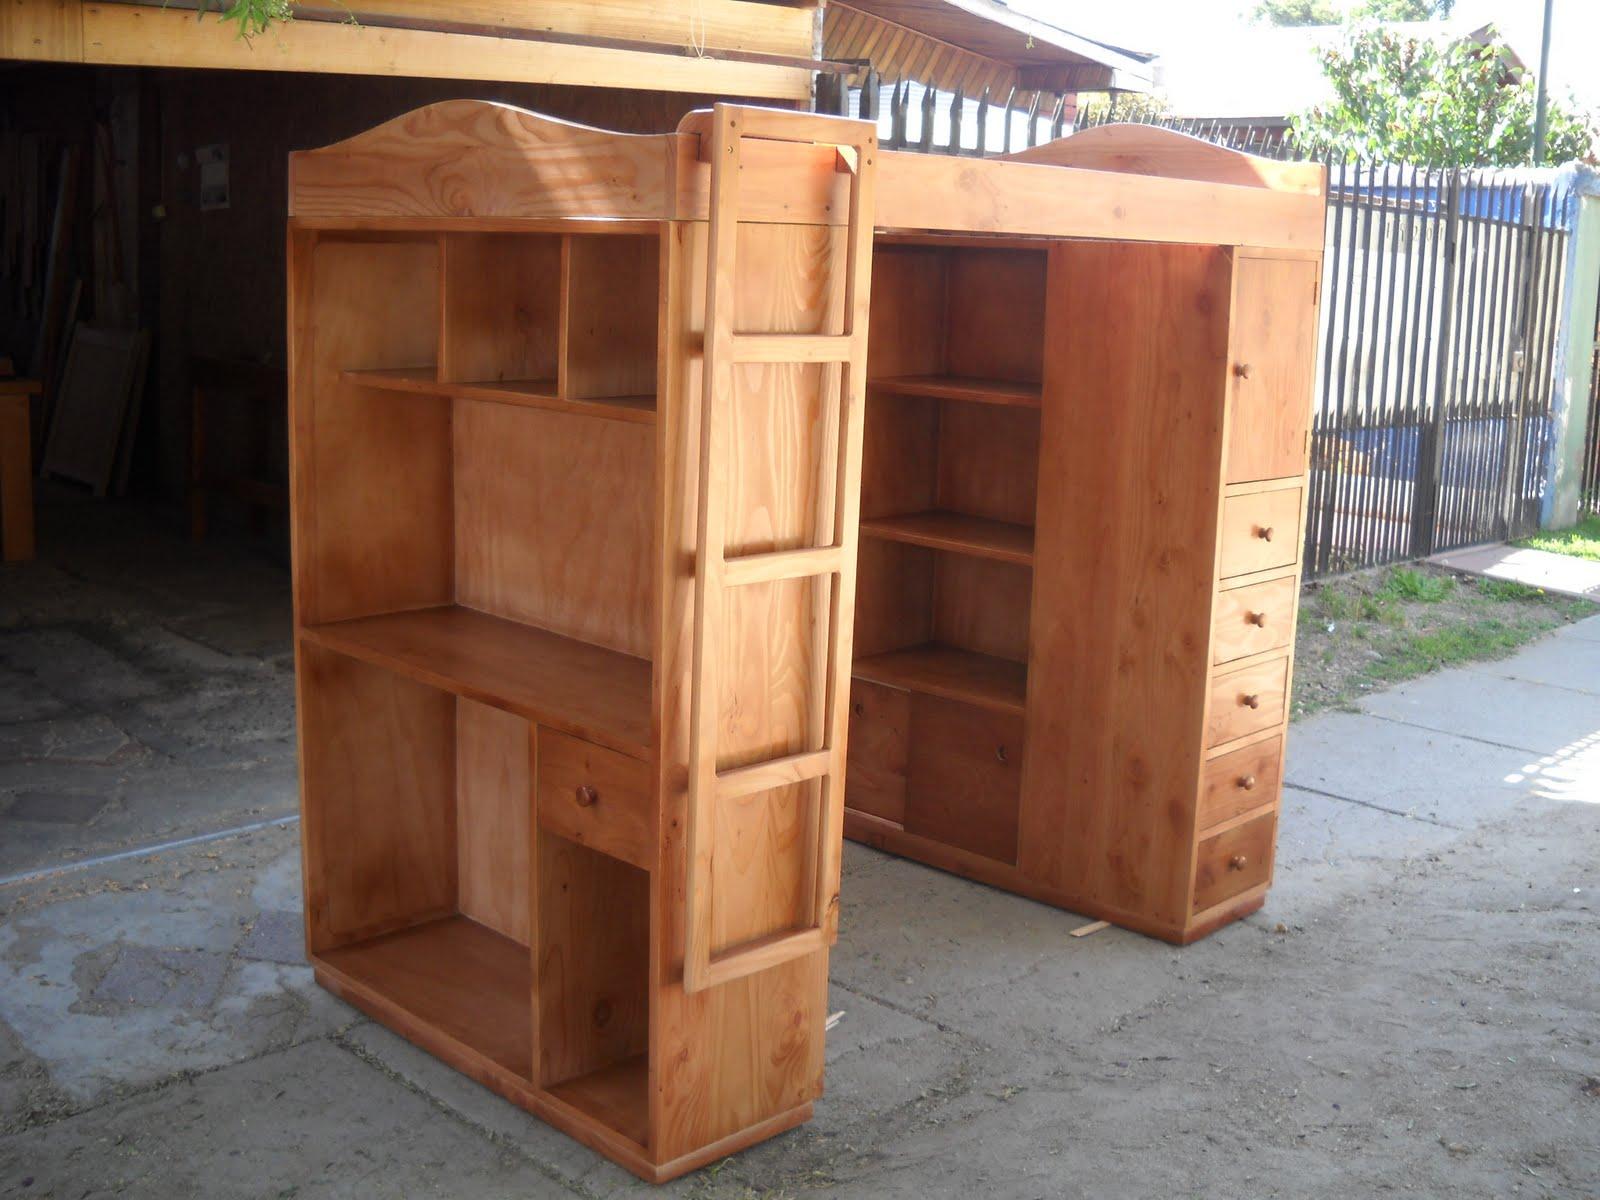 Muebles kotue cama alta con muebles for Muebles espacios pequenos